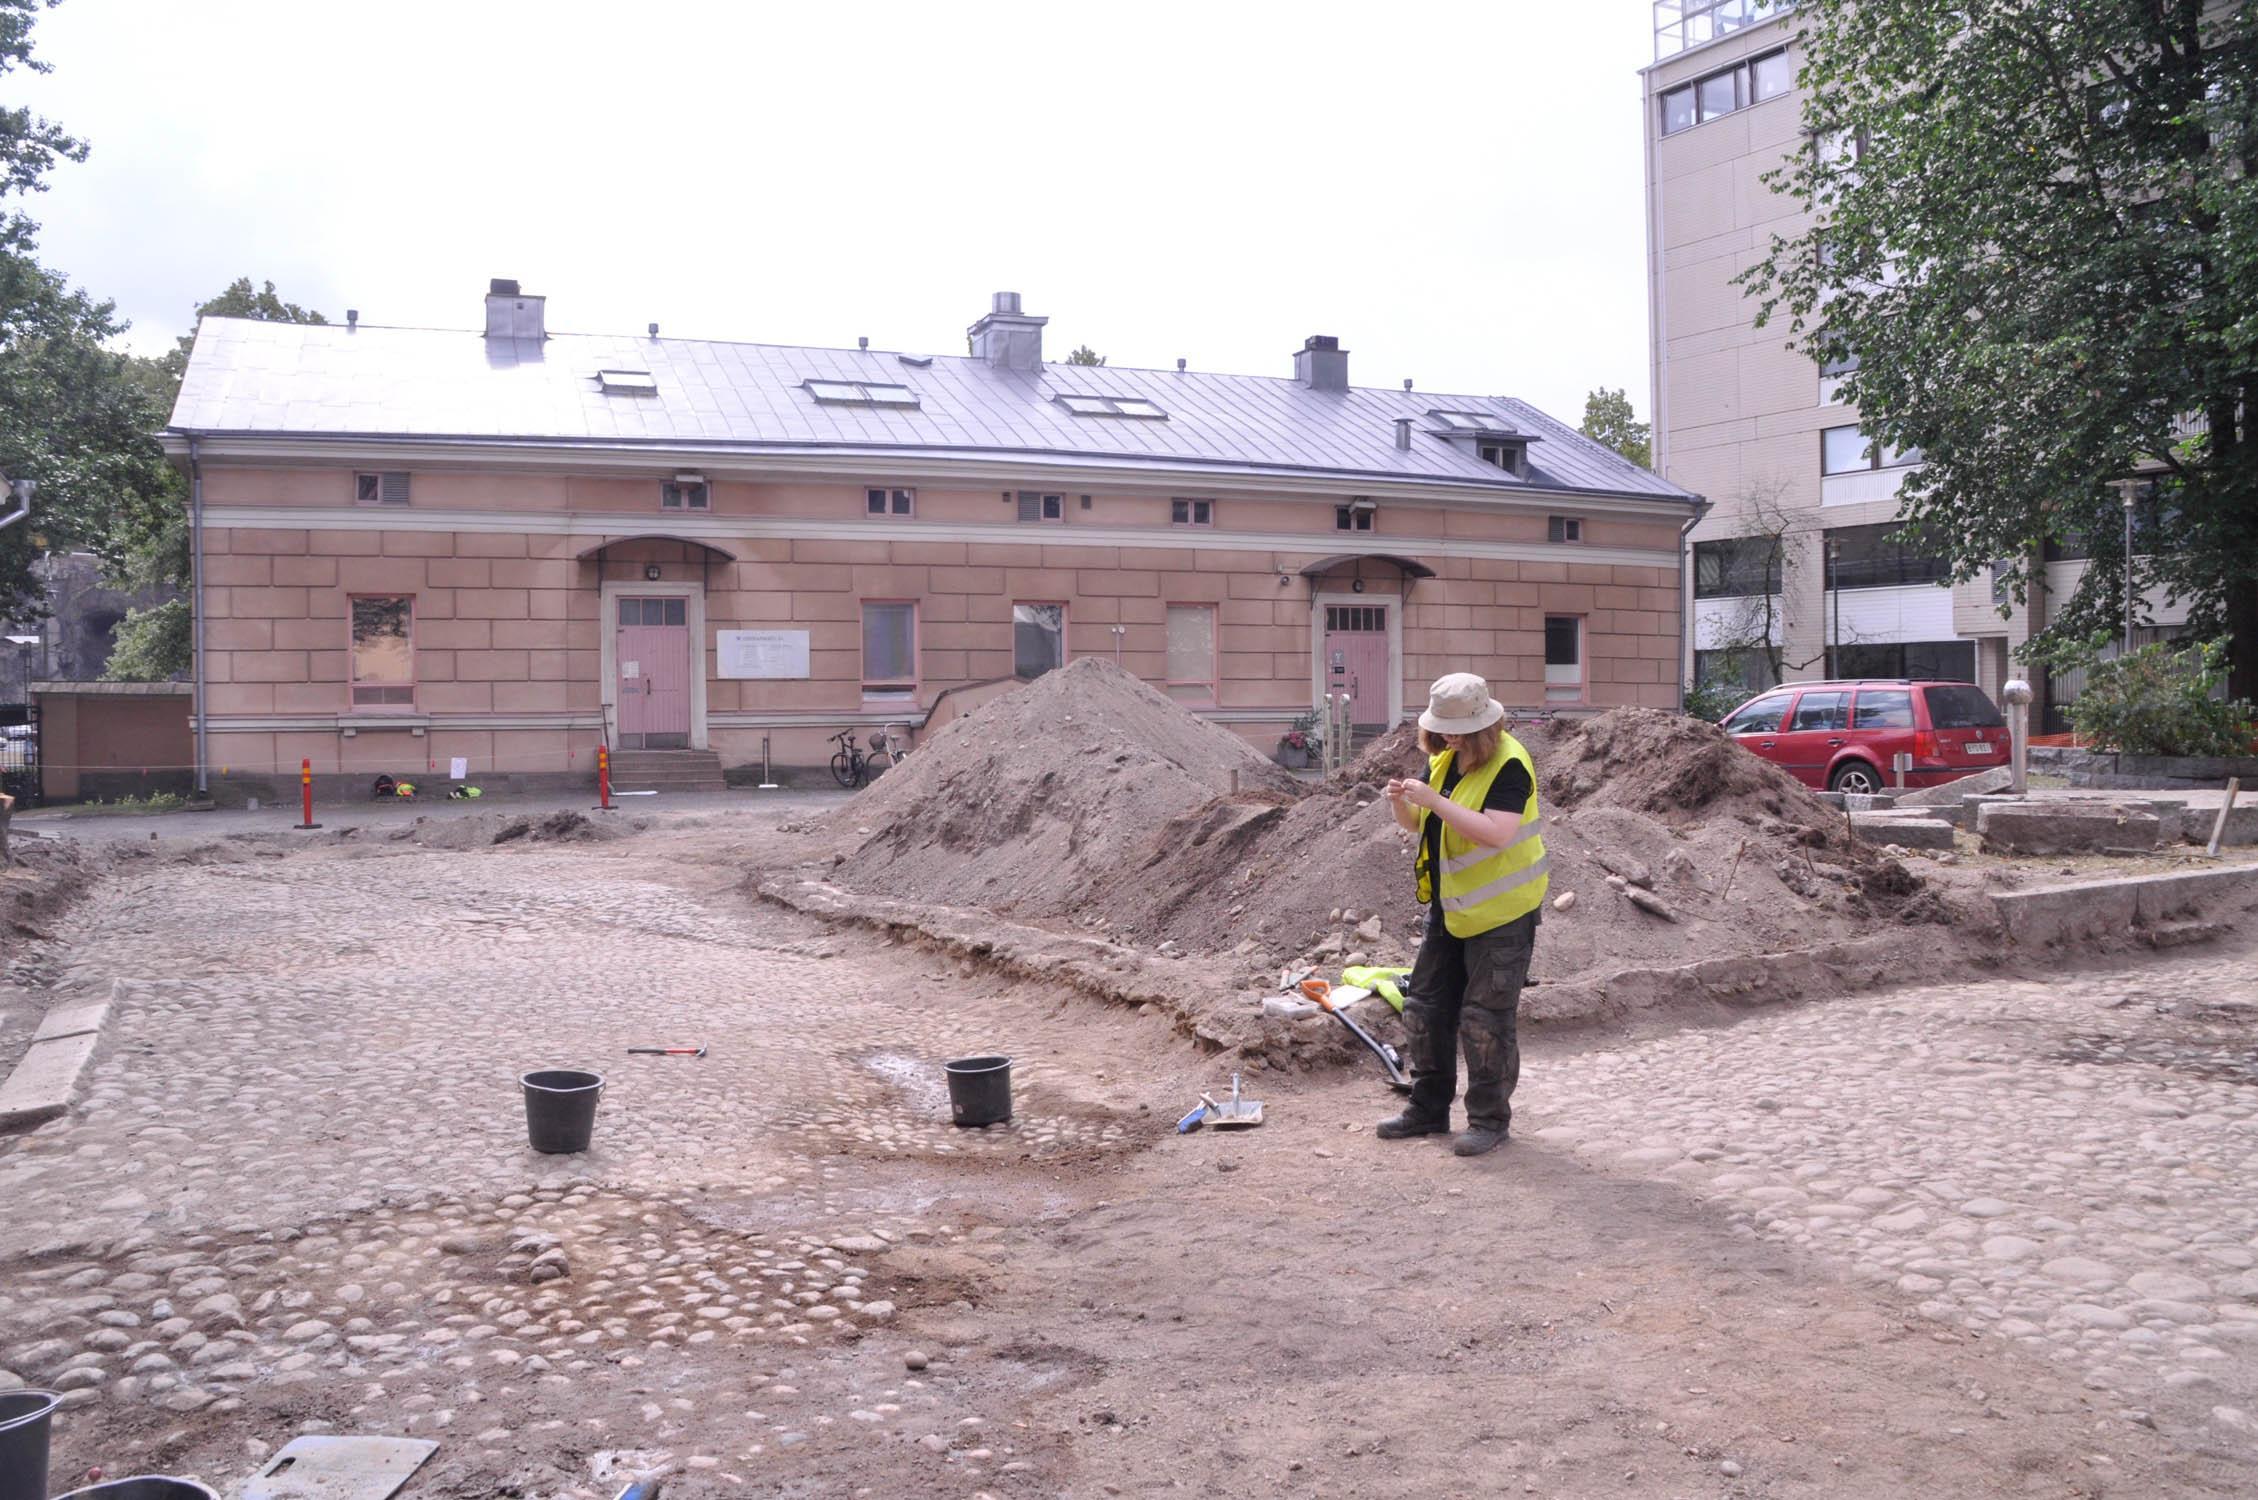 Gårdsplanen på Slottsgatan 24 grävs upp. Nu har man kommit fram till gatubeläggningen från 1800-talet. Arkeolog Hanna-Maria Pellinen inspekterar ett fynd.